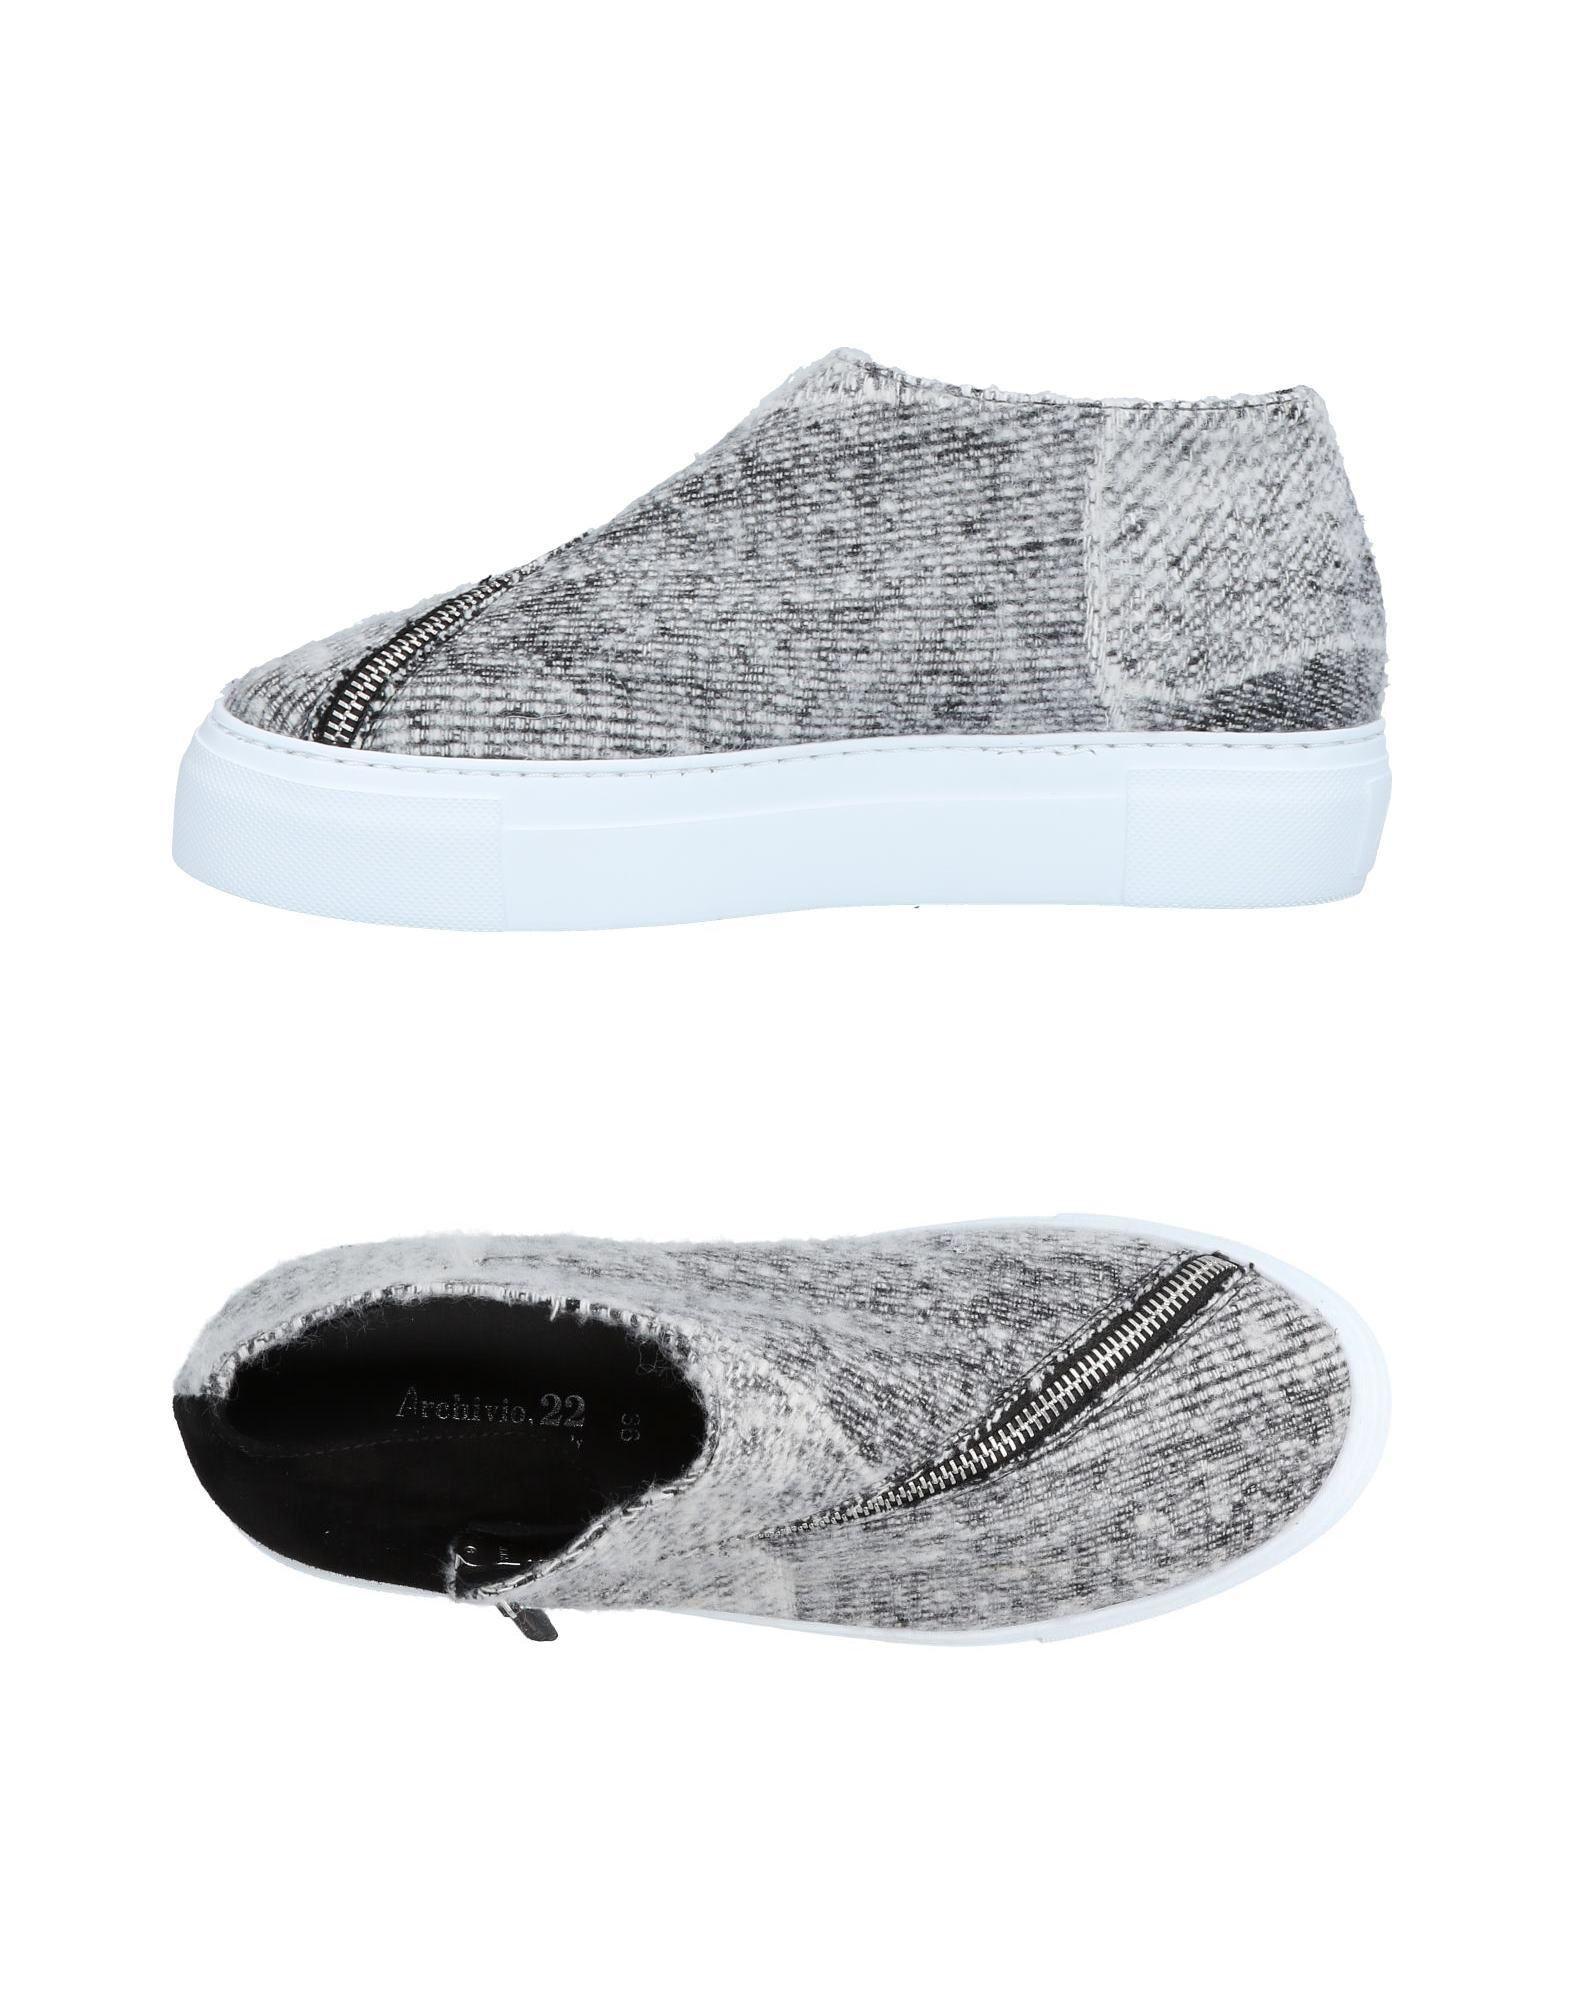 Sneakers Archivio,22 Donna - 11462179PW Scarpe economiche e buone